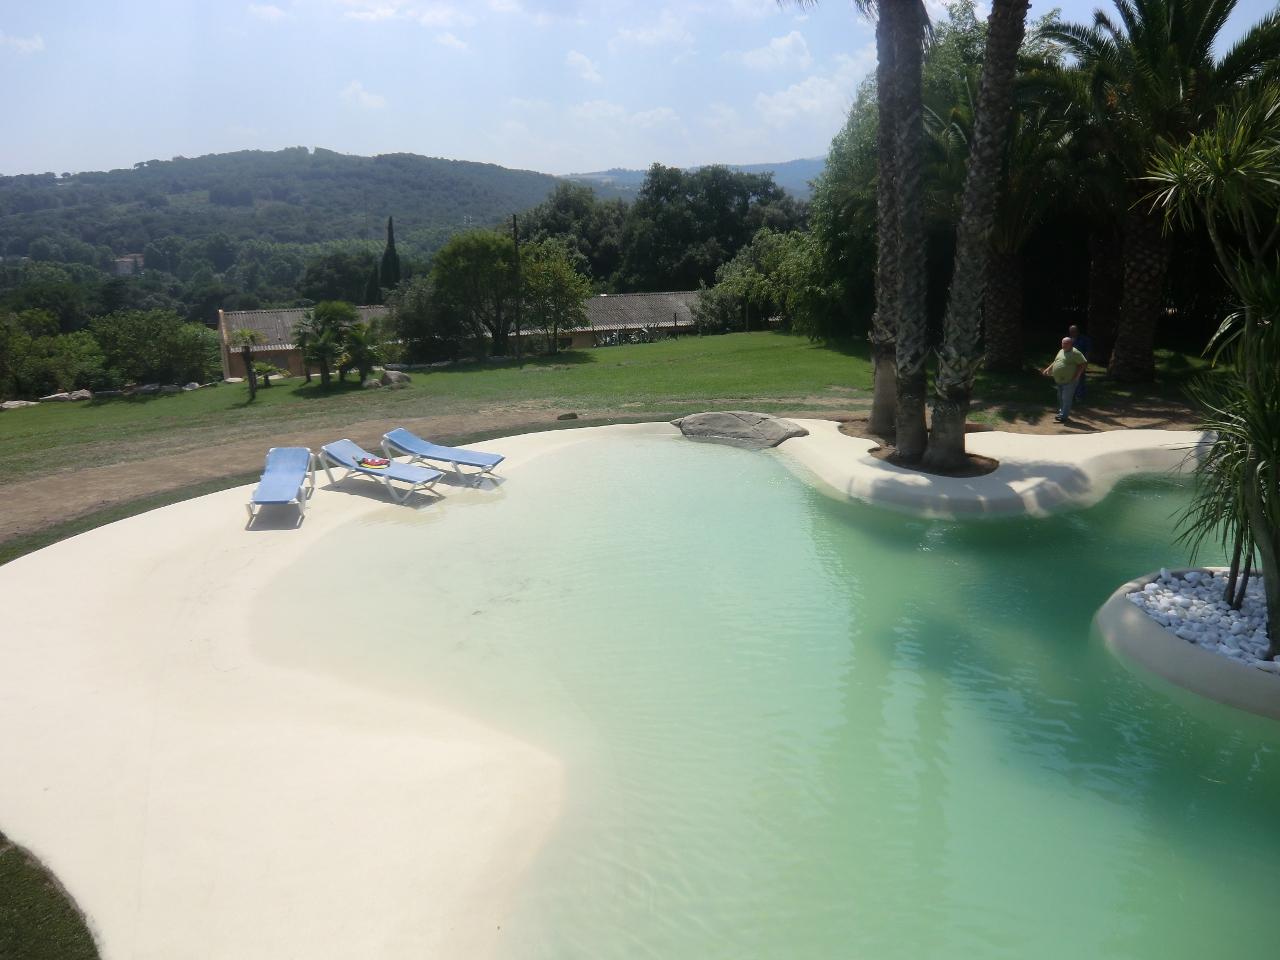 Piscinas de arena o c mo disfrutar de la playa sin salir - Cuanto cuesta una piscina de arena ...